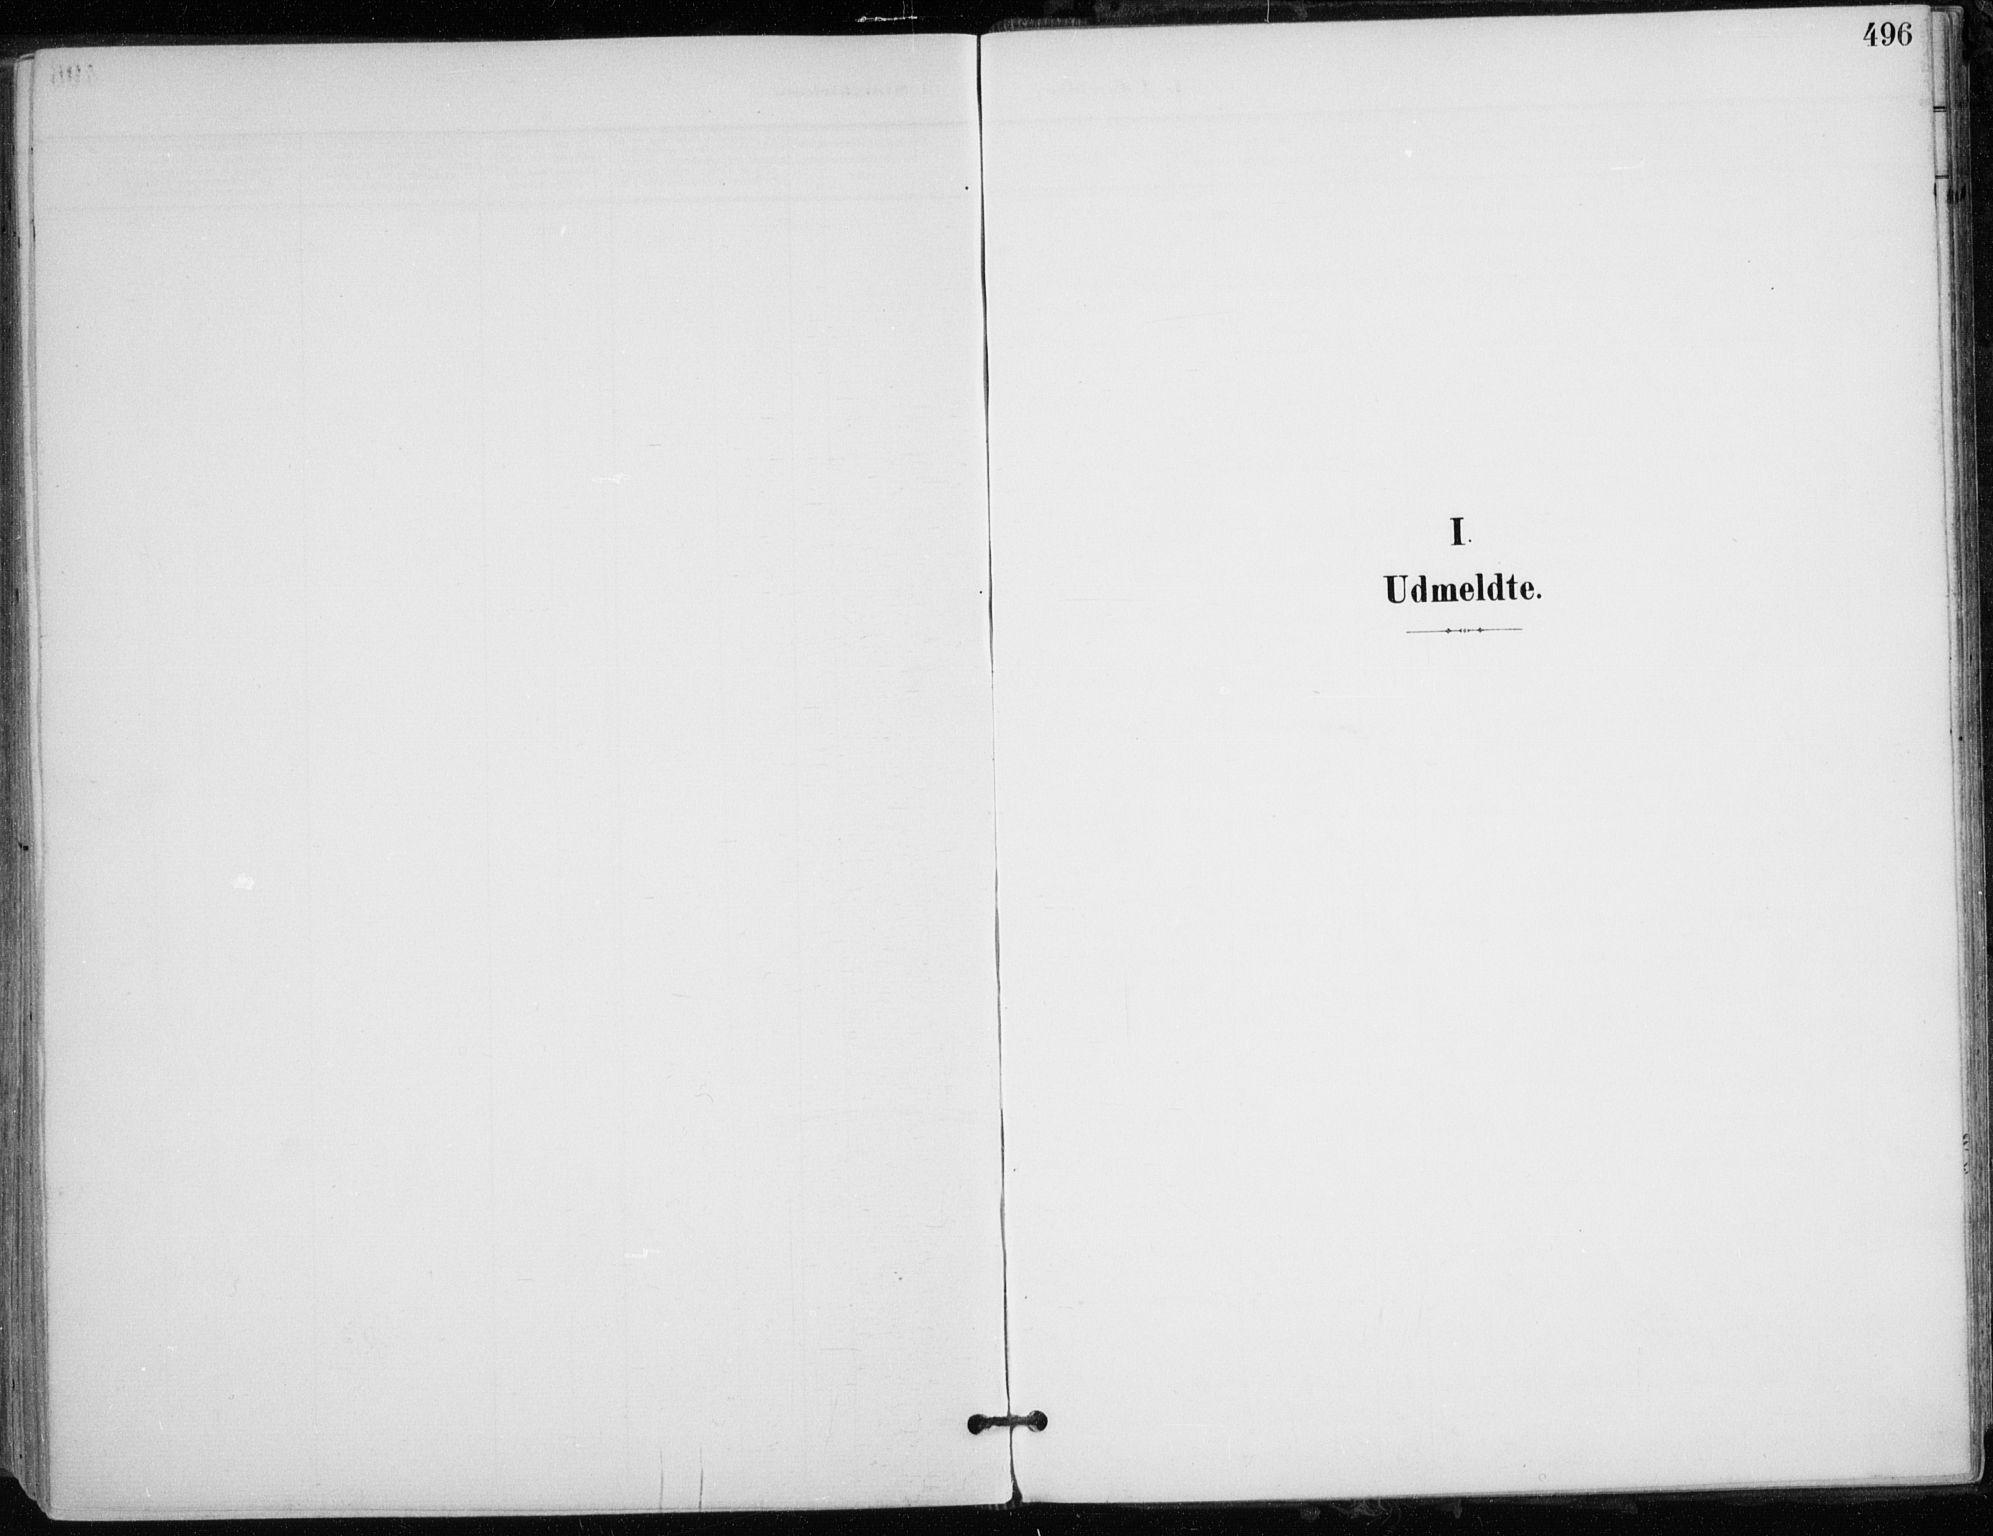 SATØ, Trondenes sokneprestkontor, H/Ha/L0017kirke: Ministerialbok nr. 17, 1899-1908, s. 496